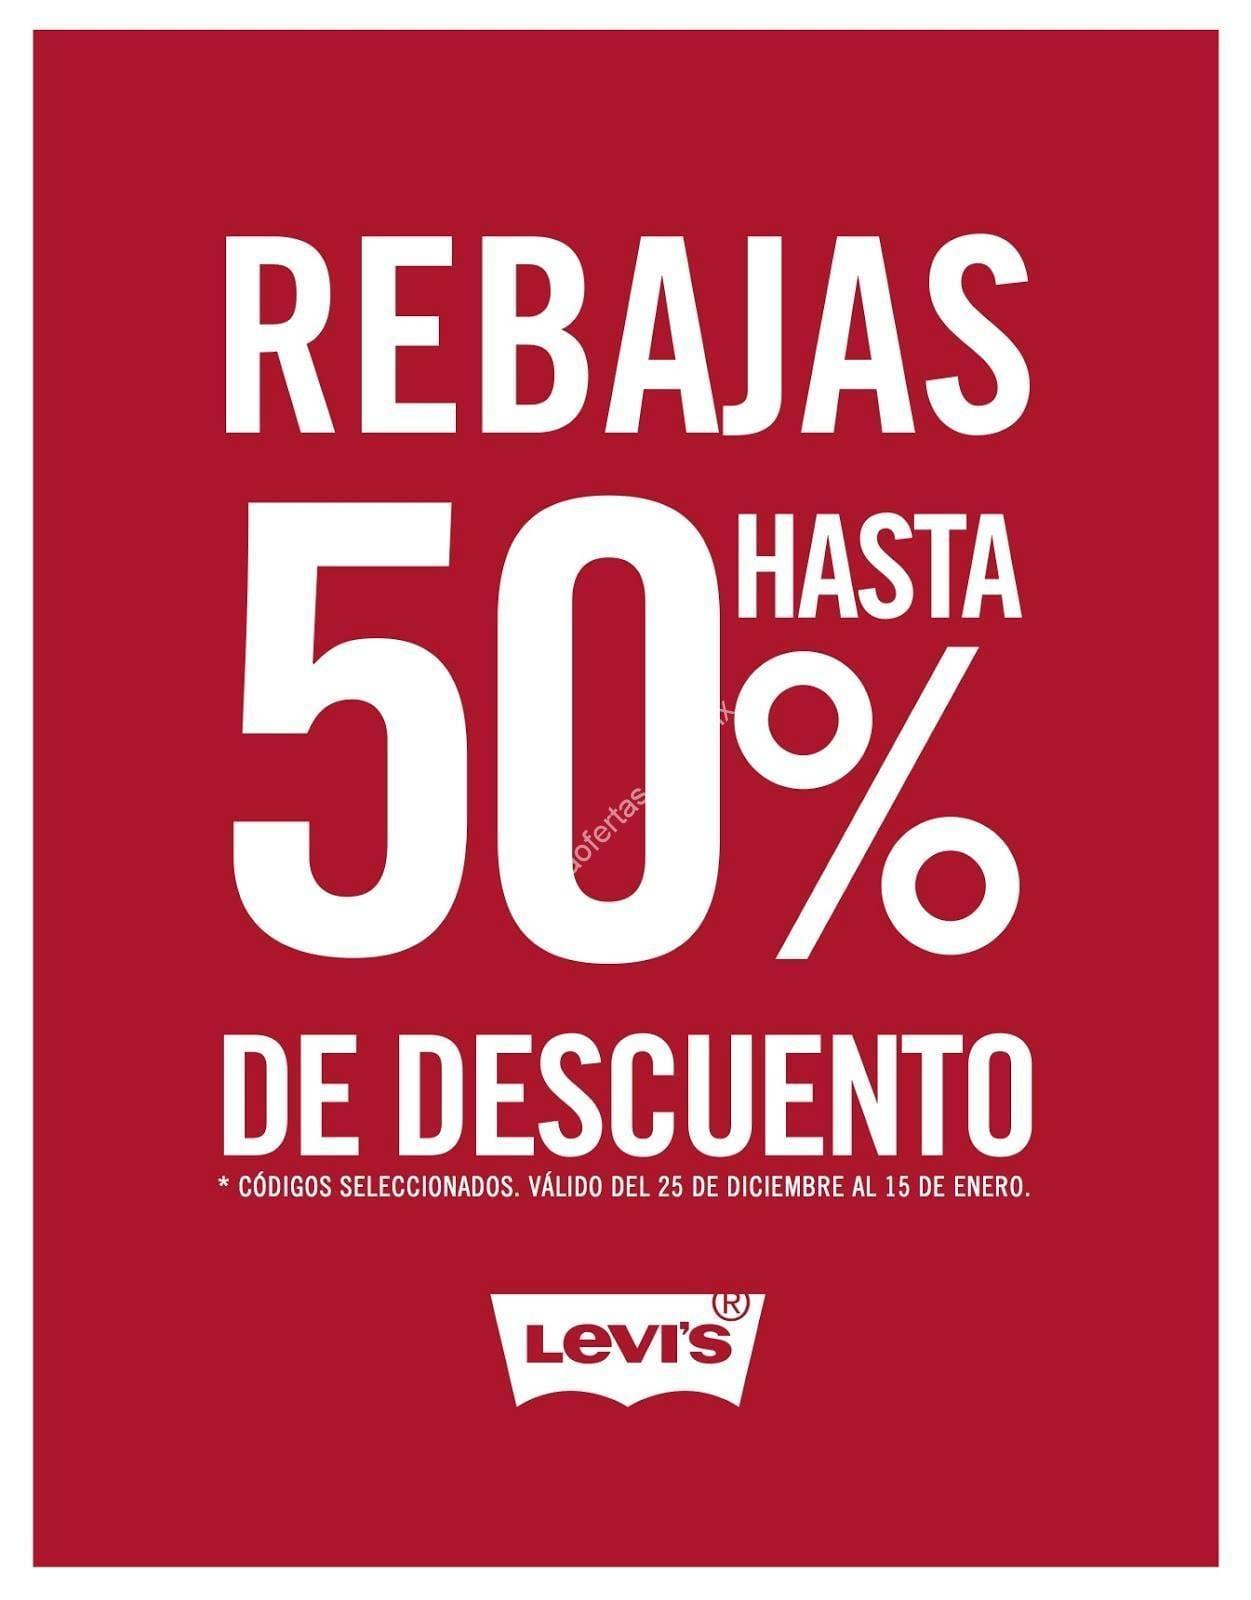 196b88becc080 En Levis rebajas de temporada de hasta 50% de descuento en códigos  seleccionados